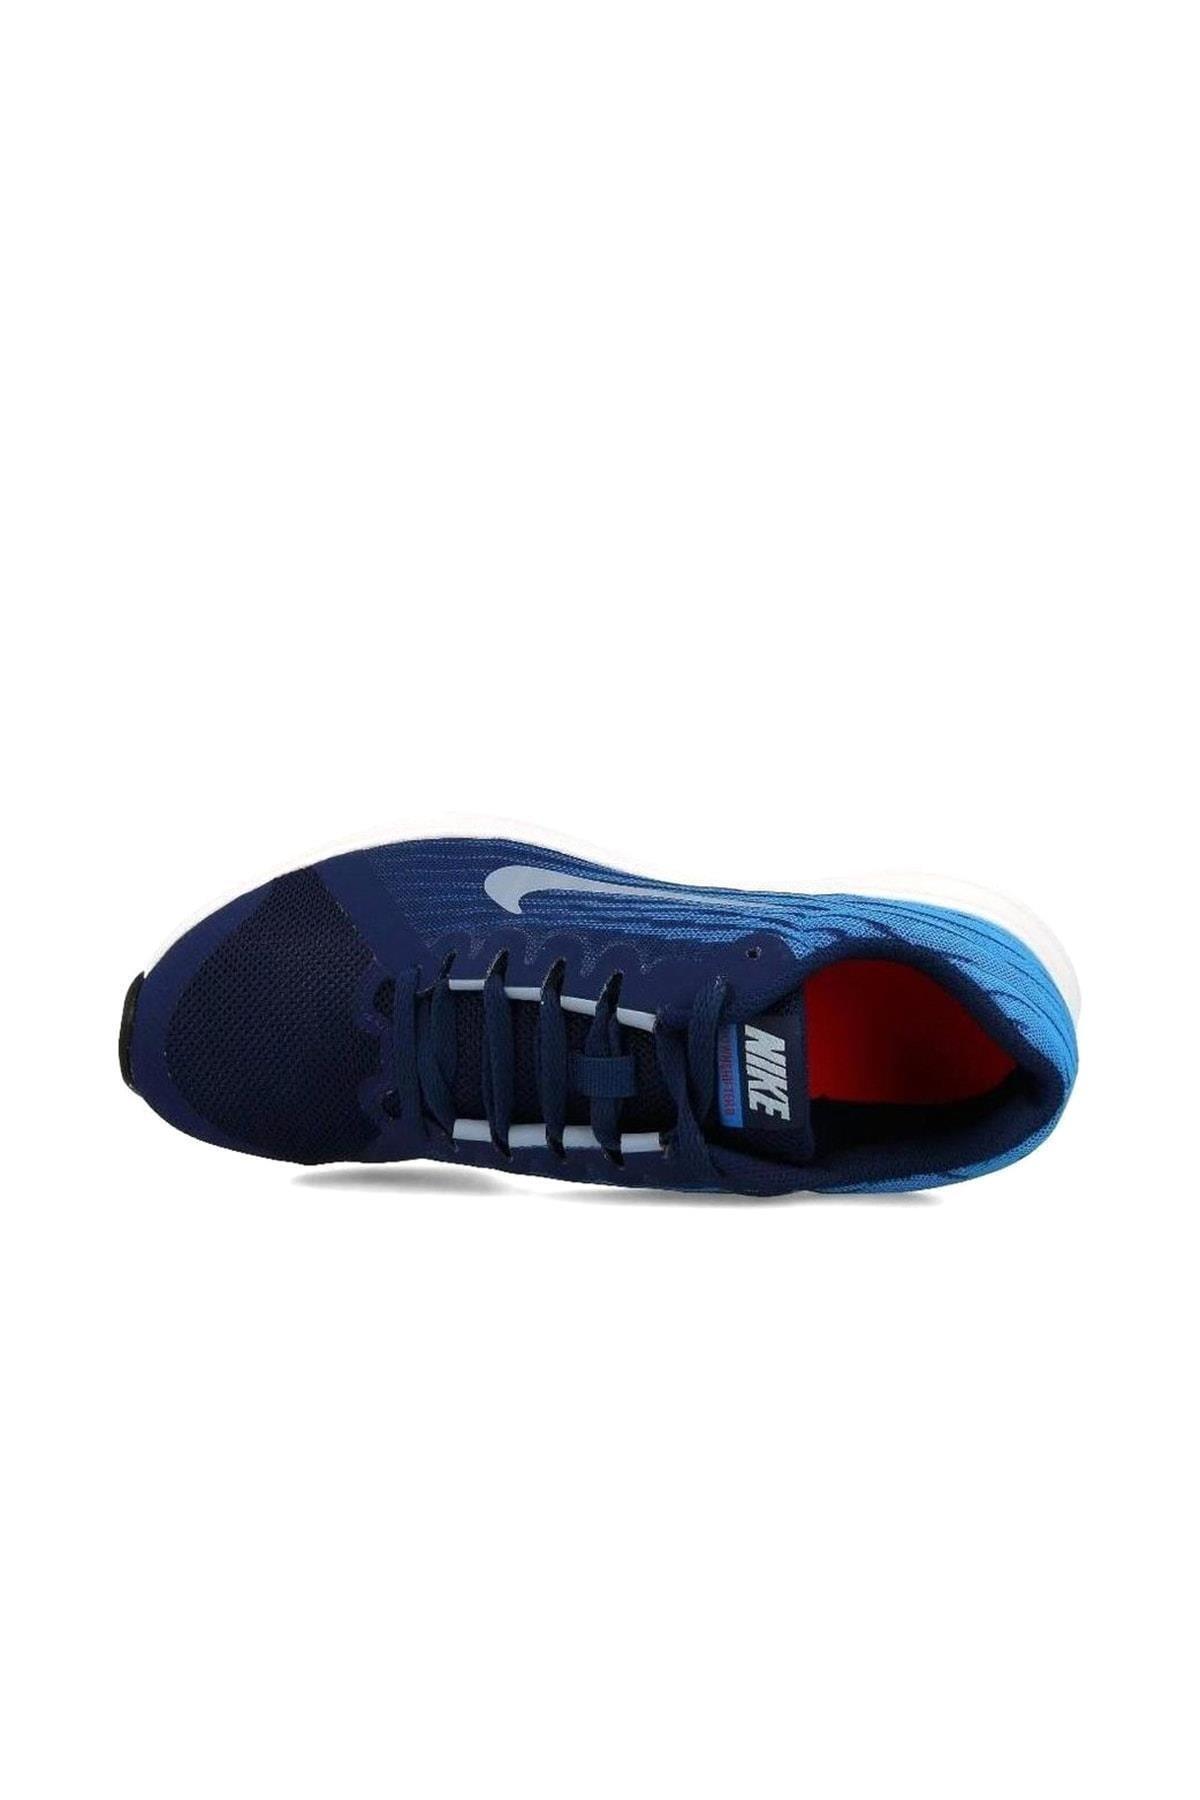 Nike Kids Downshifter 8 922853-403 Bayan Spor Ayakkabı 2